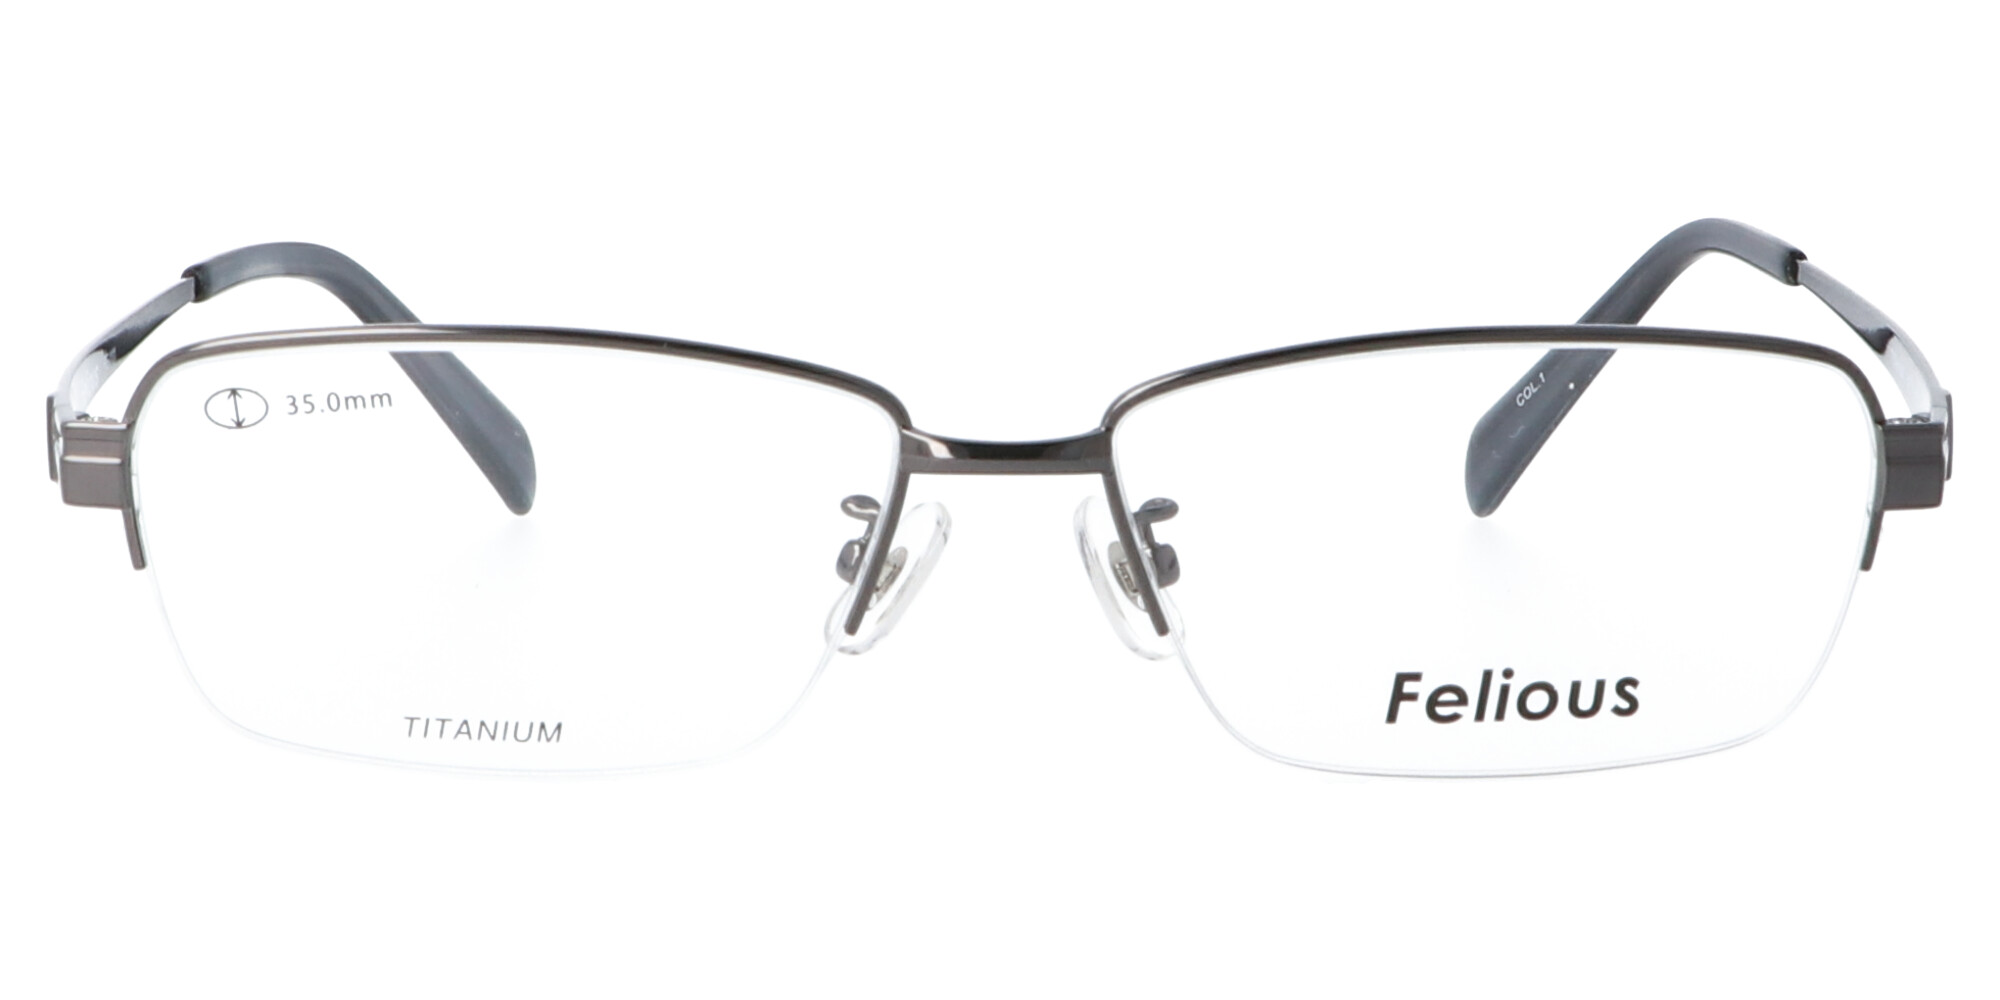 フェリオス FE111_59_GY